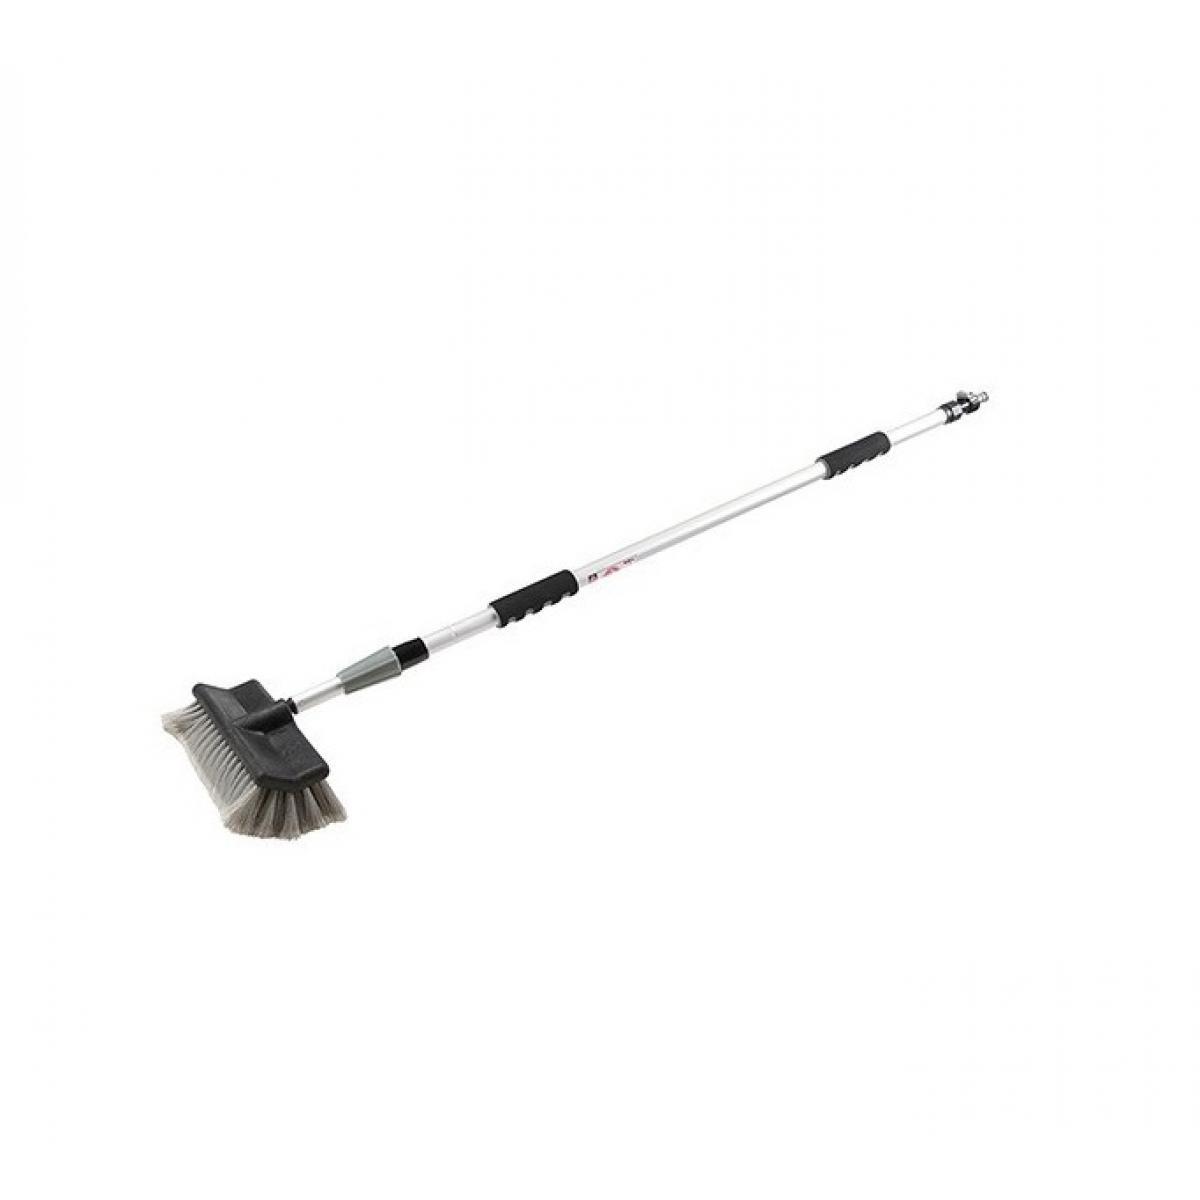 Silverline Silverline - Brosse de nettoyage télescopique 1,32 - 2,14 m